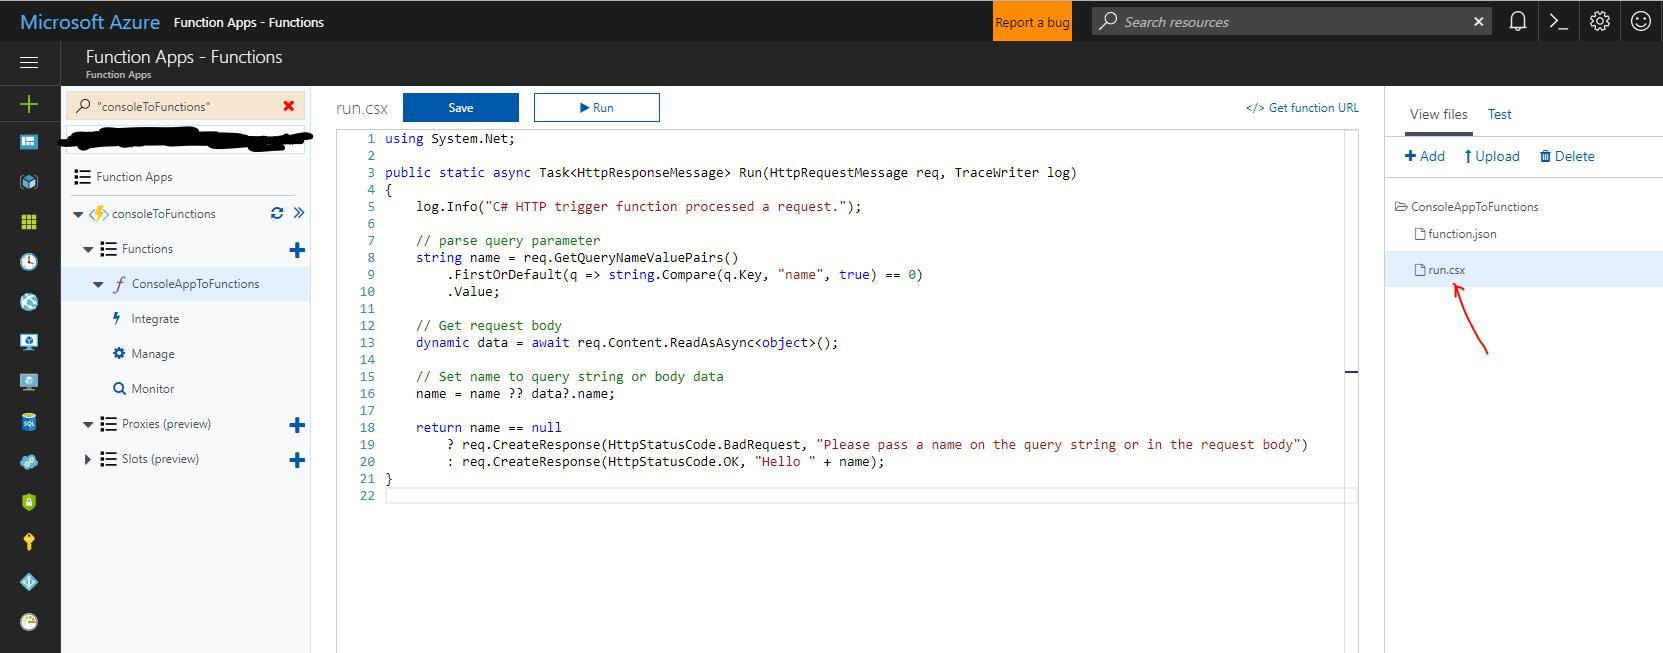 Adding code to run.csx